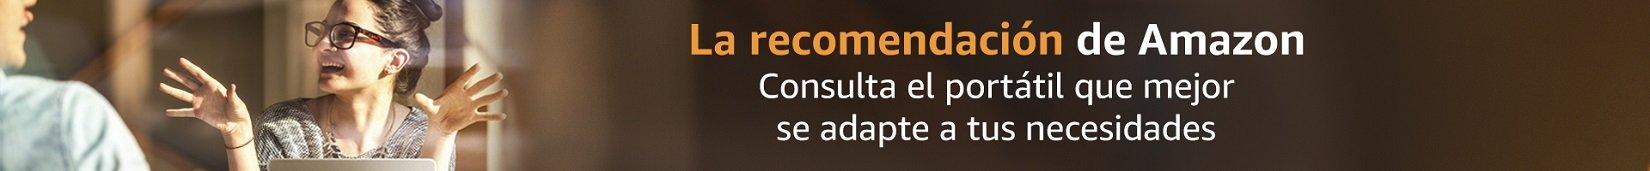 La recomendación de Amazon: Portátiles